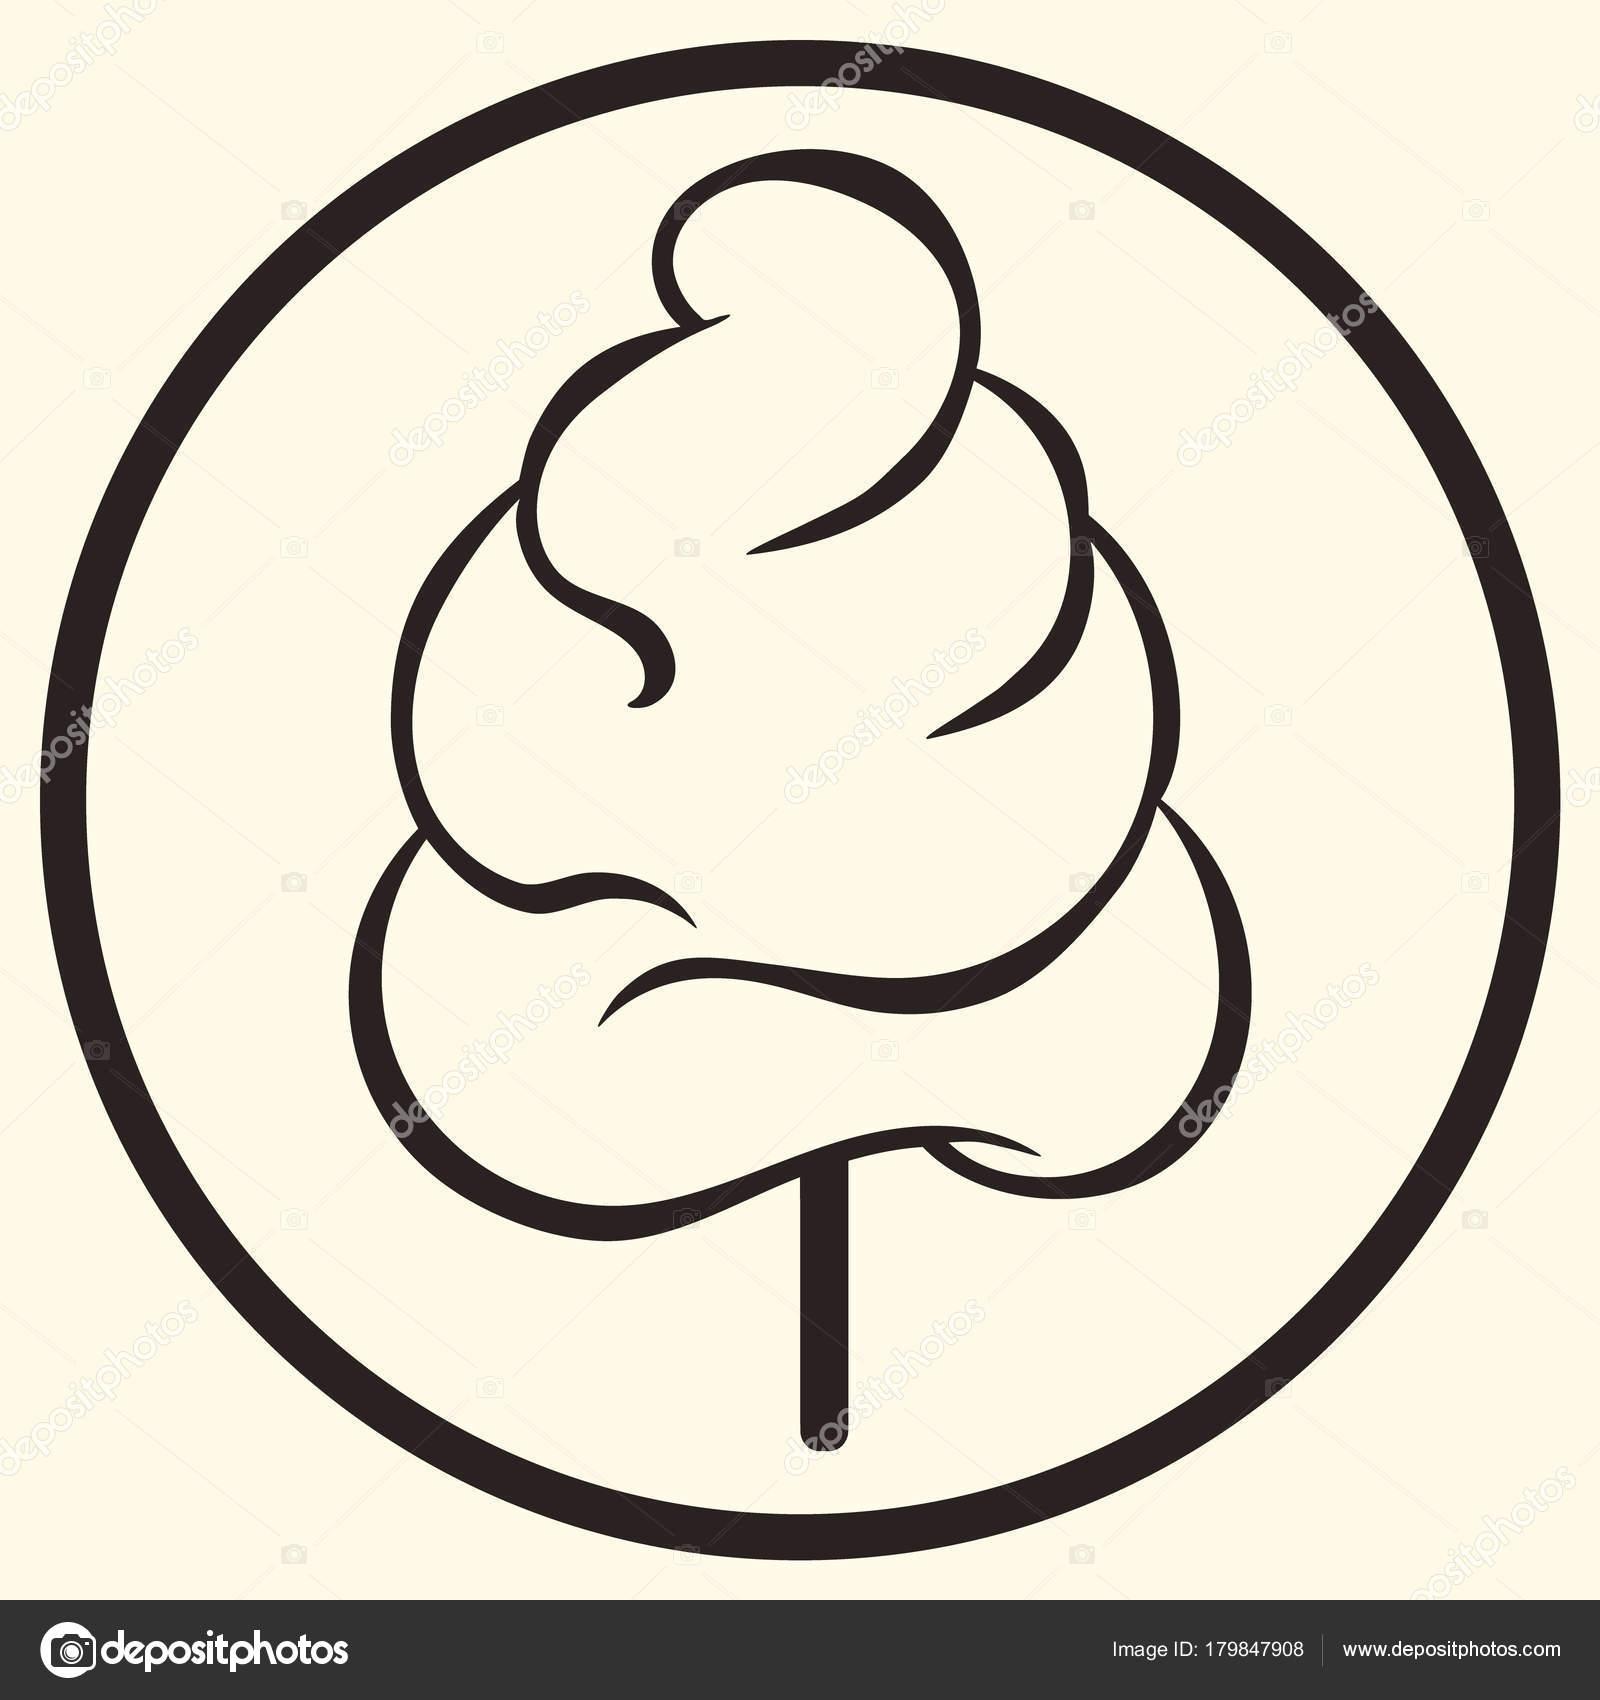 Zeichen Der Zuckerwatte Vektorbild Isoliert Zuckerwatte Logo Vorlage ...